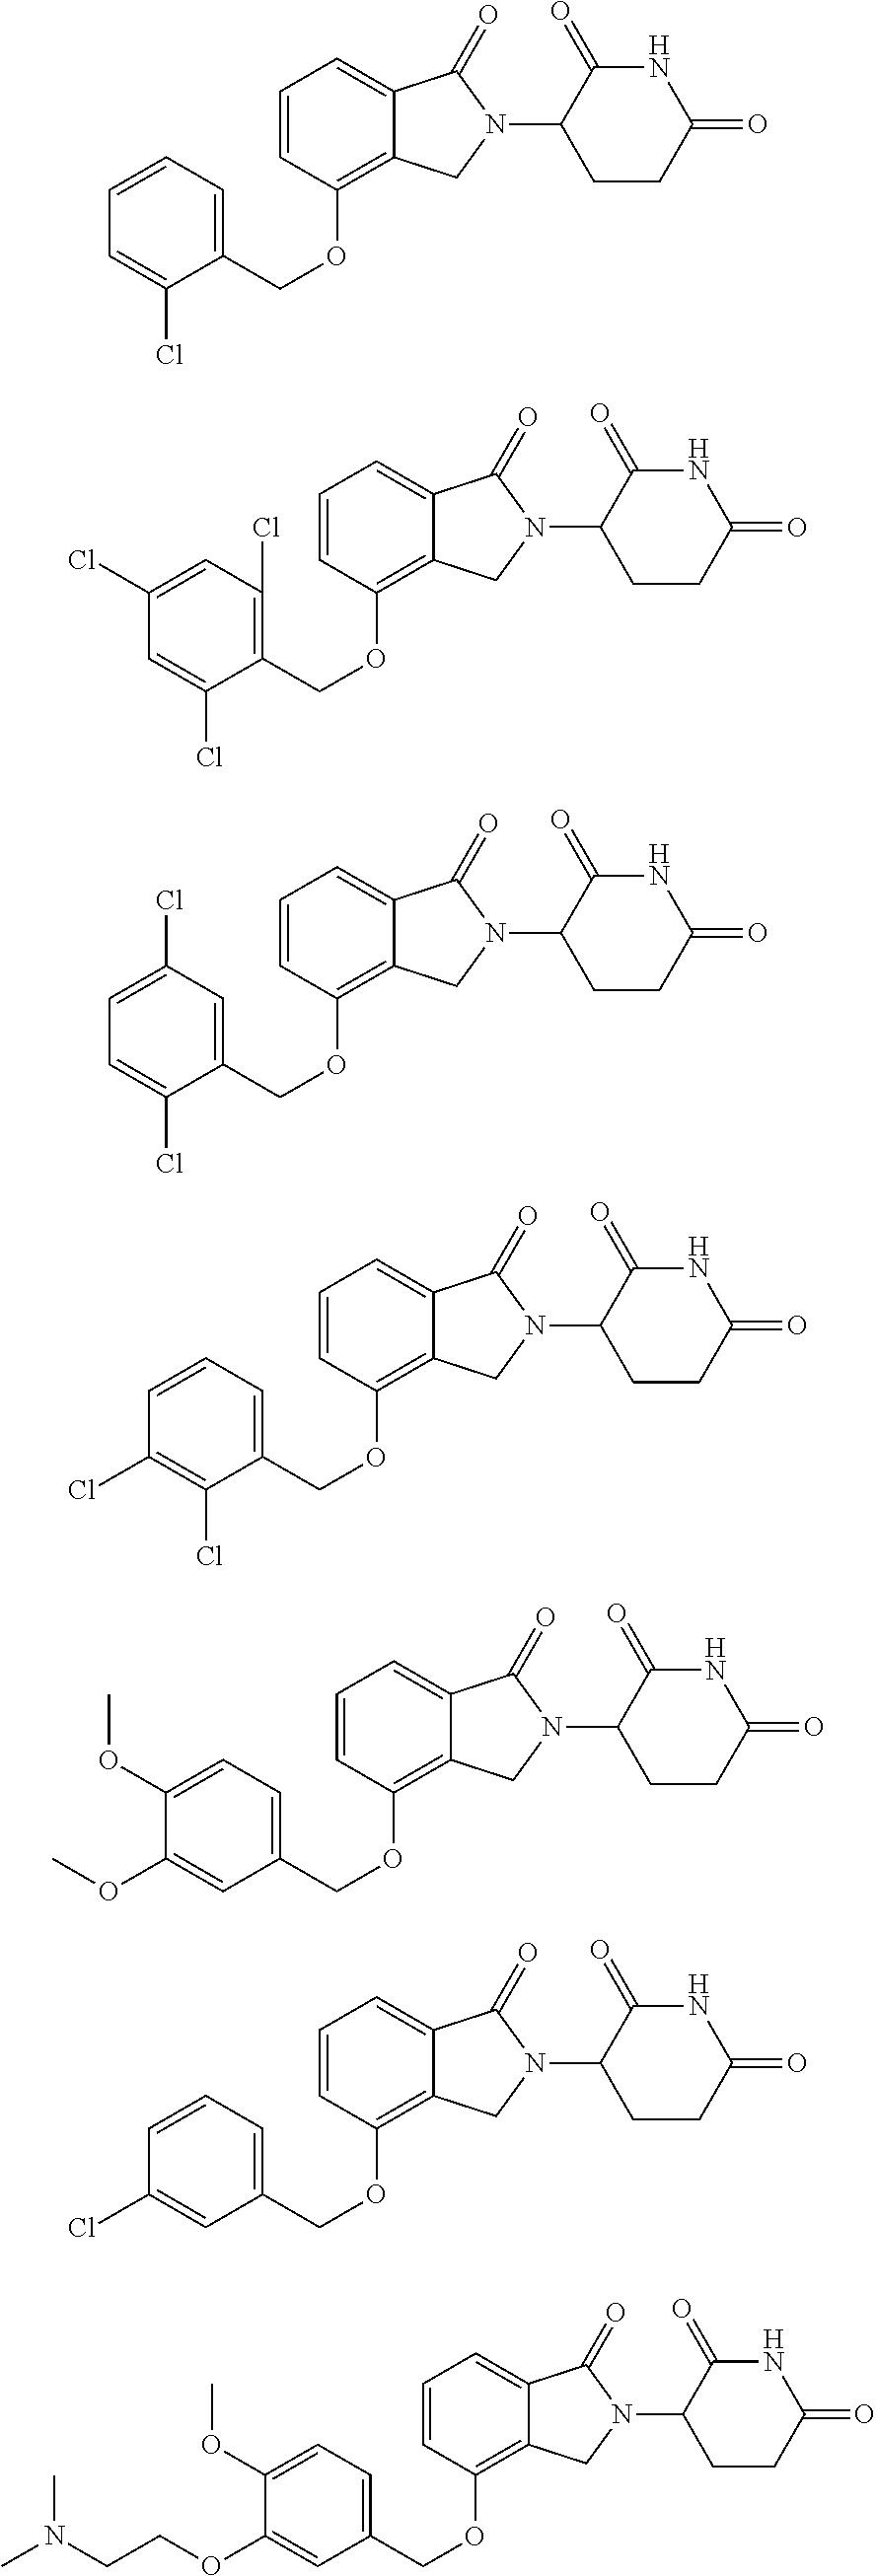 Figure US09822094-20171121-C00026